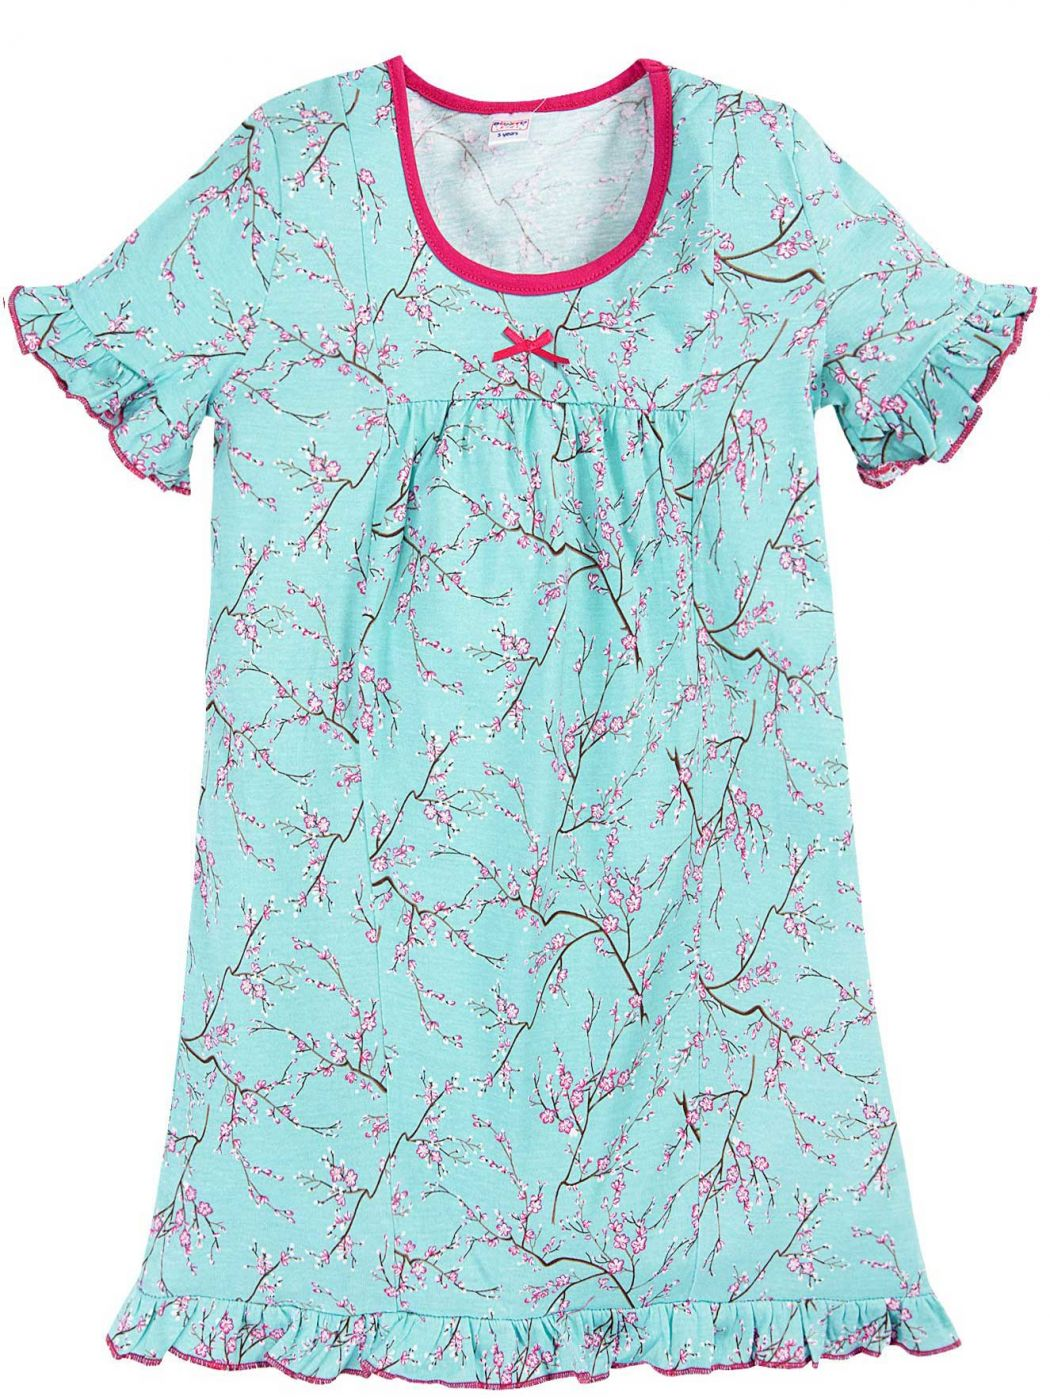 Сорочка для девочек голубая цветы сакуры